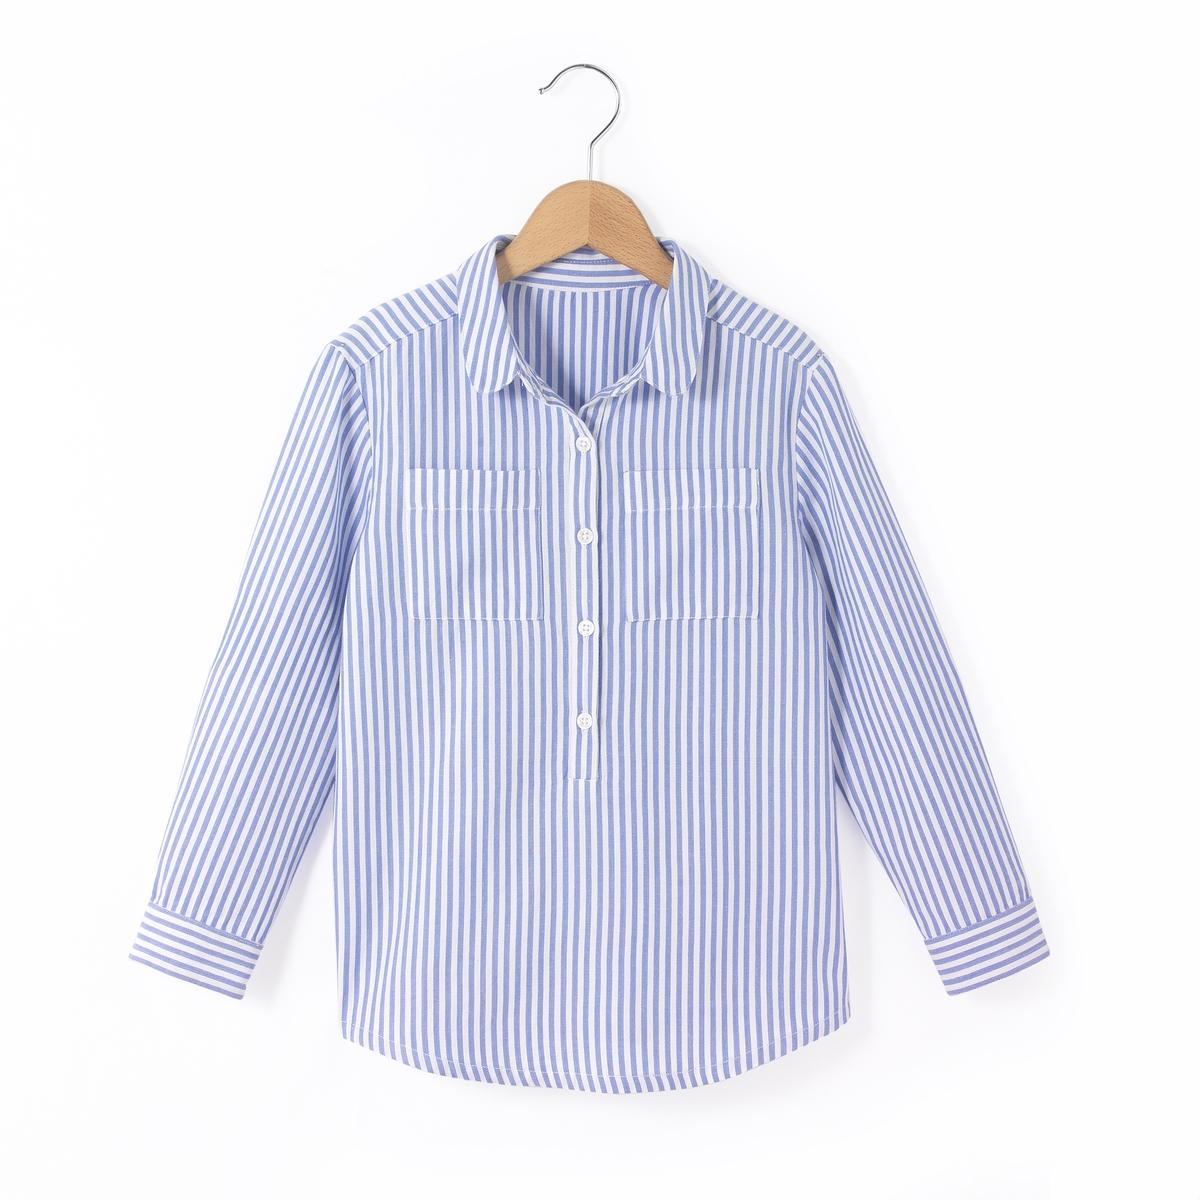 Рубашка длинная в полоску, с длинными рукавами, 3-12 лет